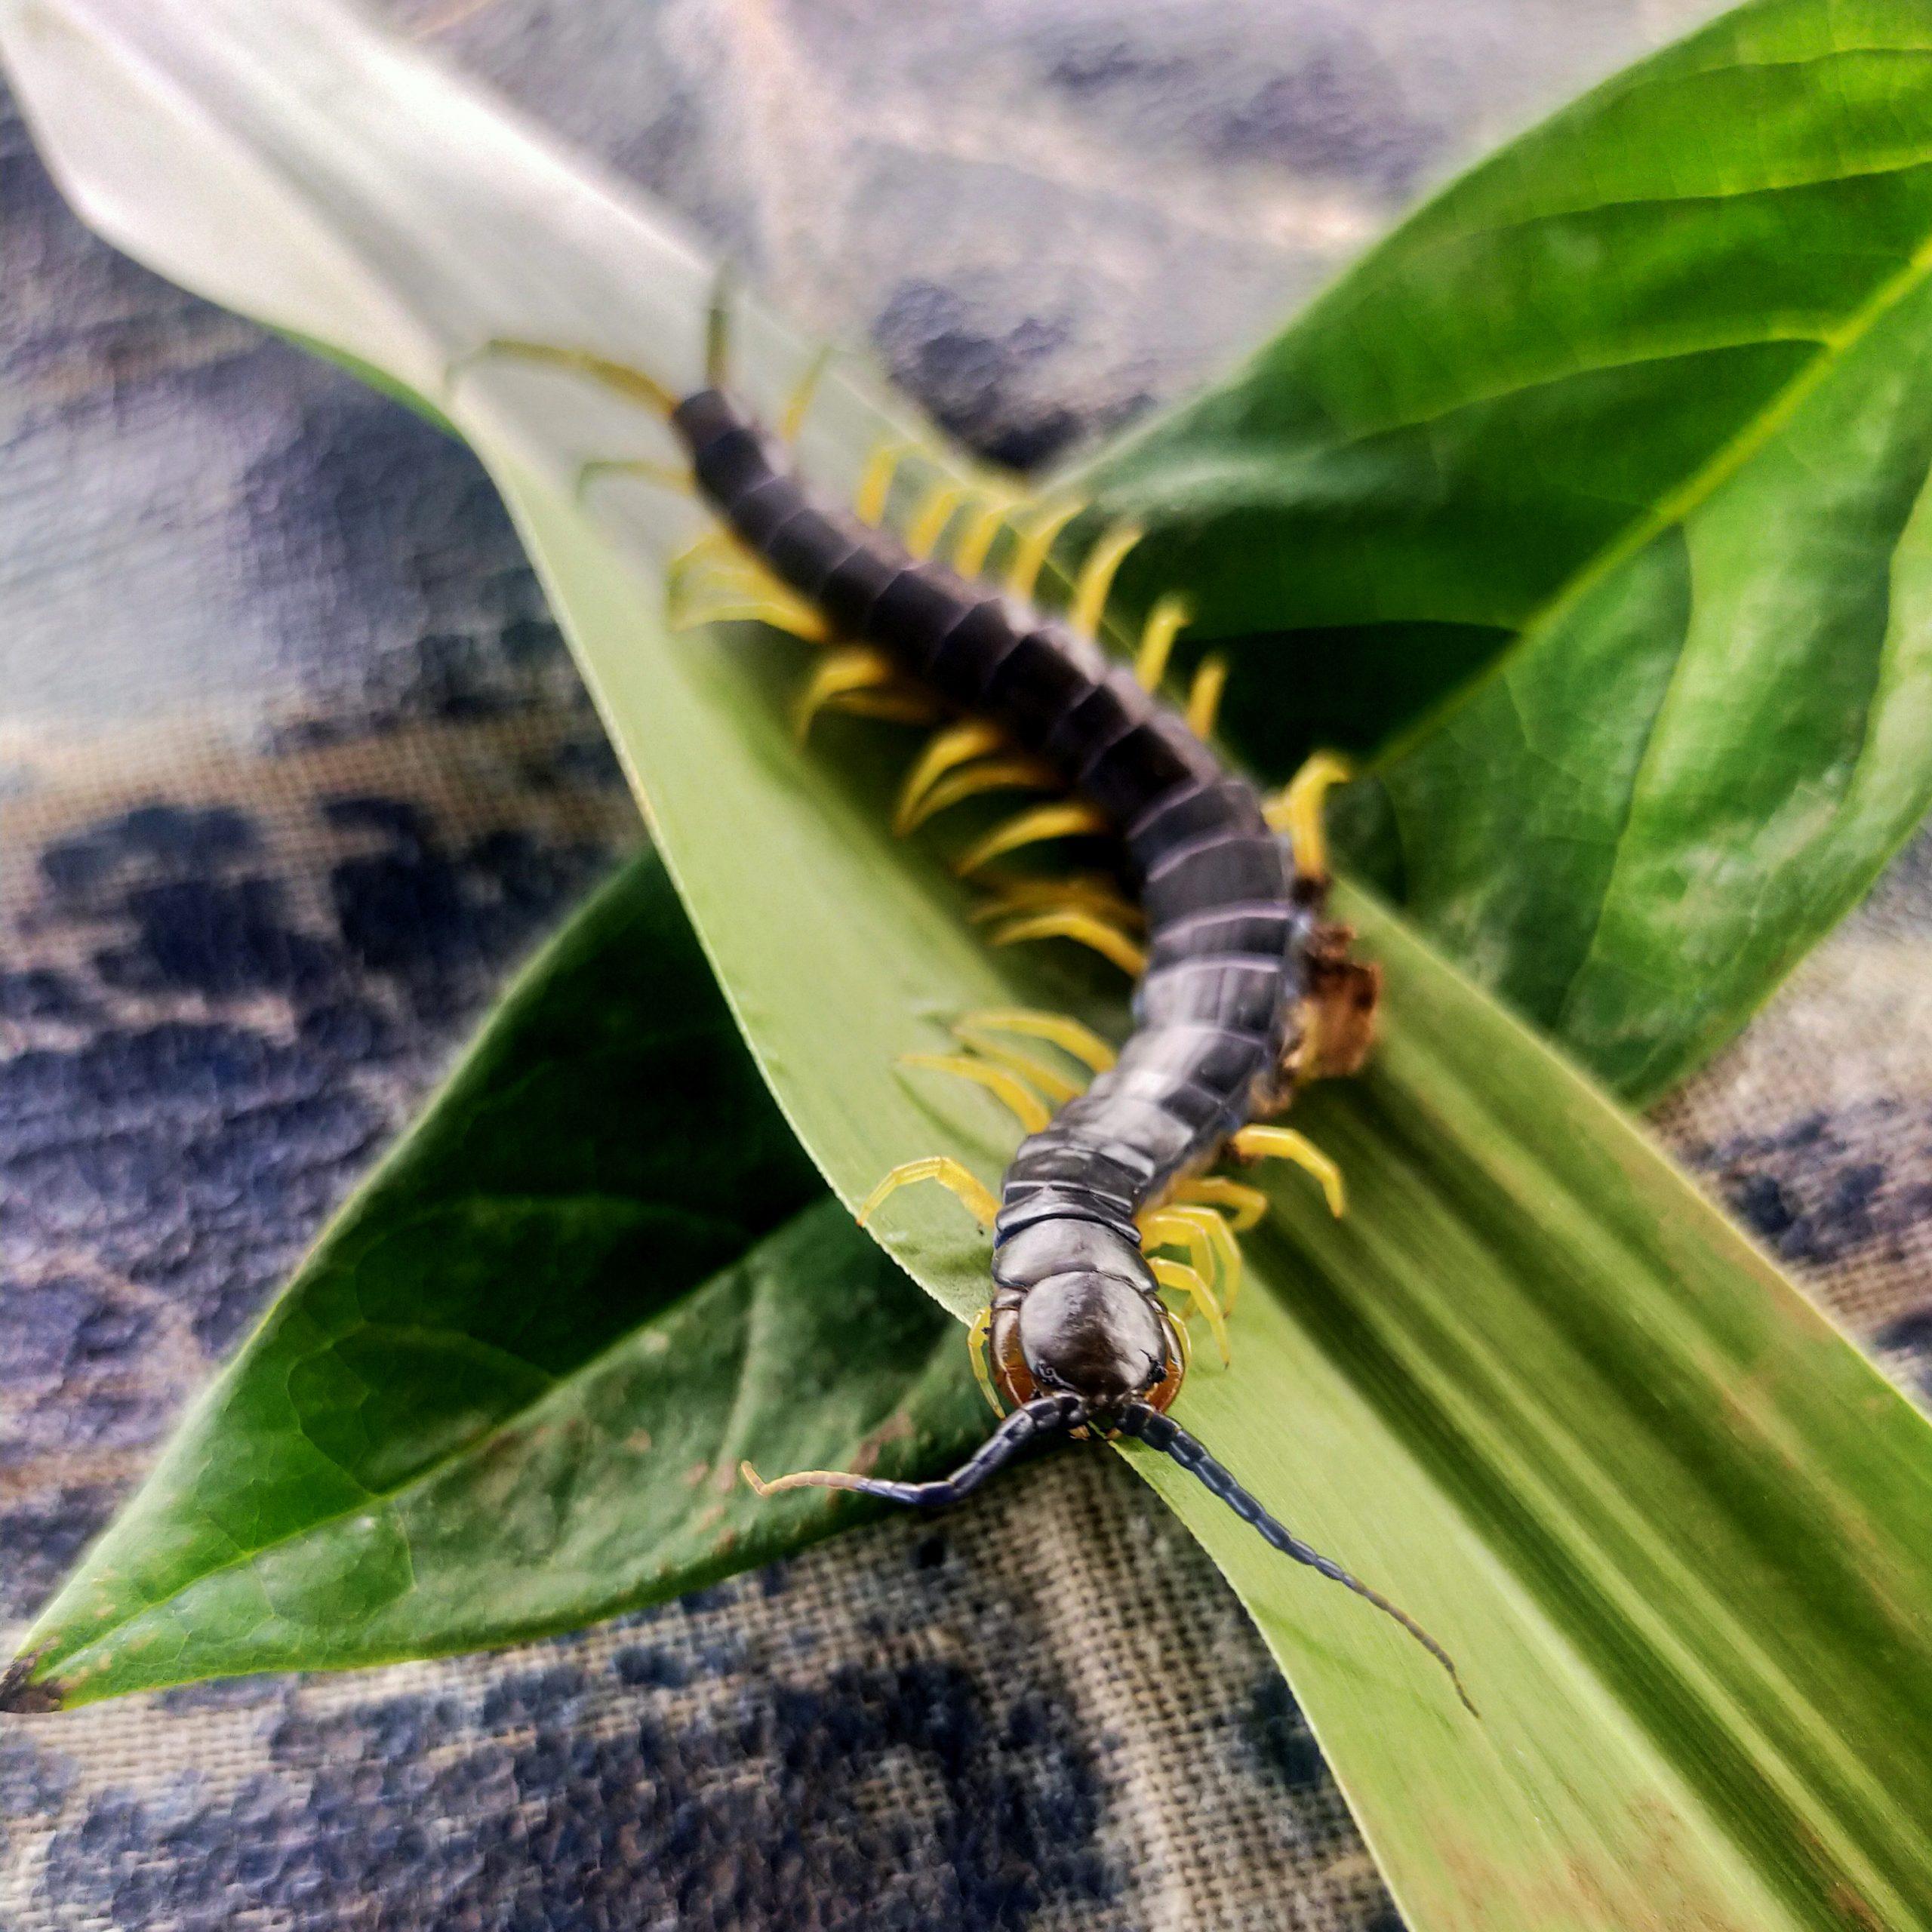 A centipede on leaf